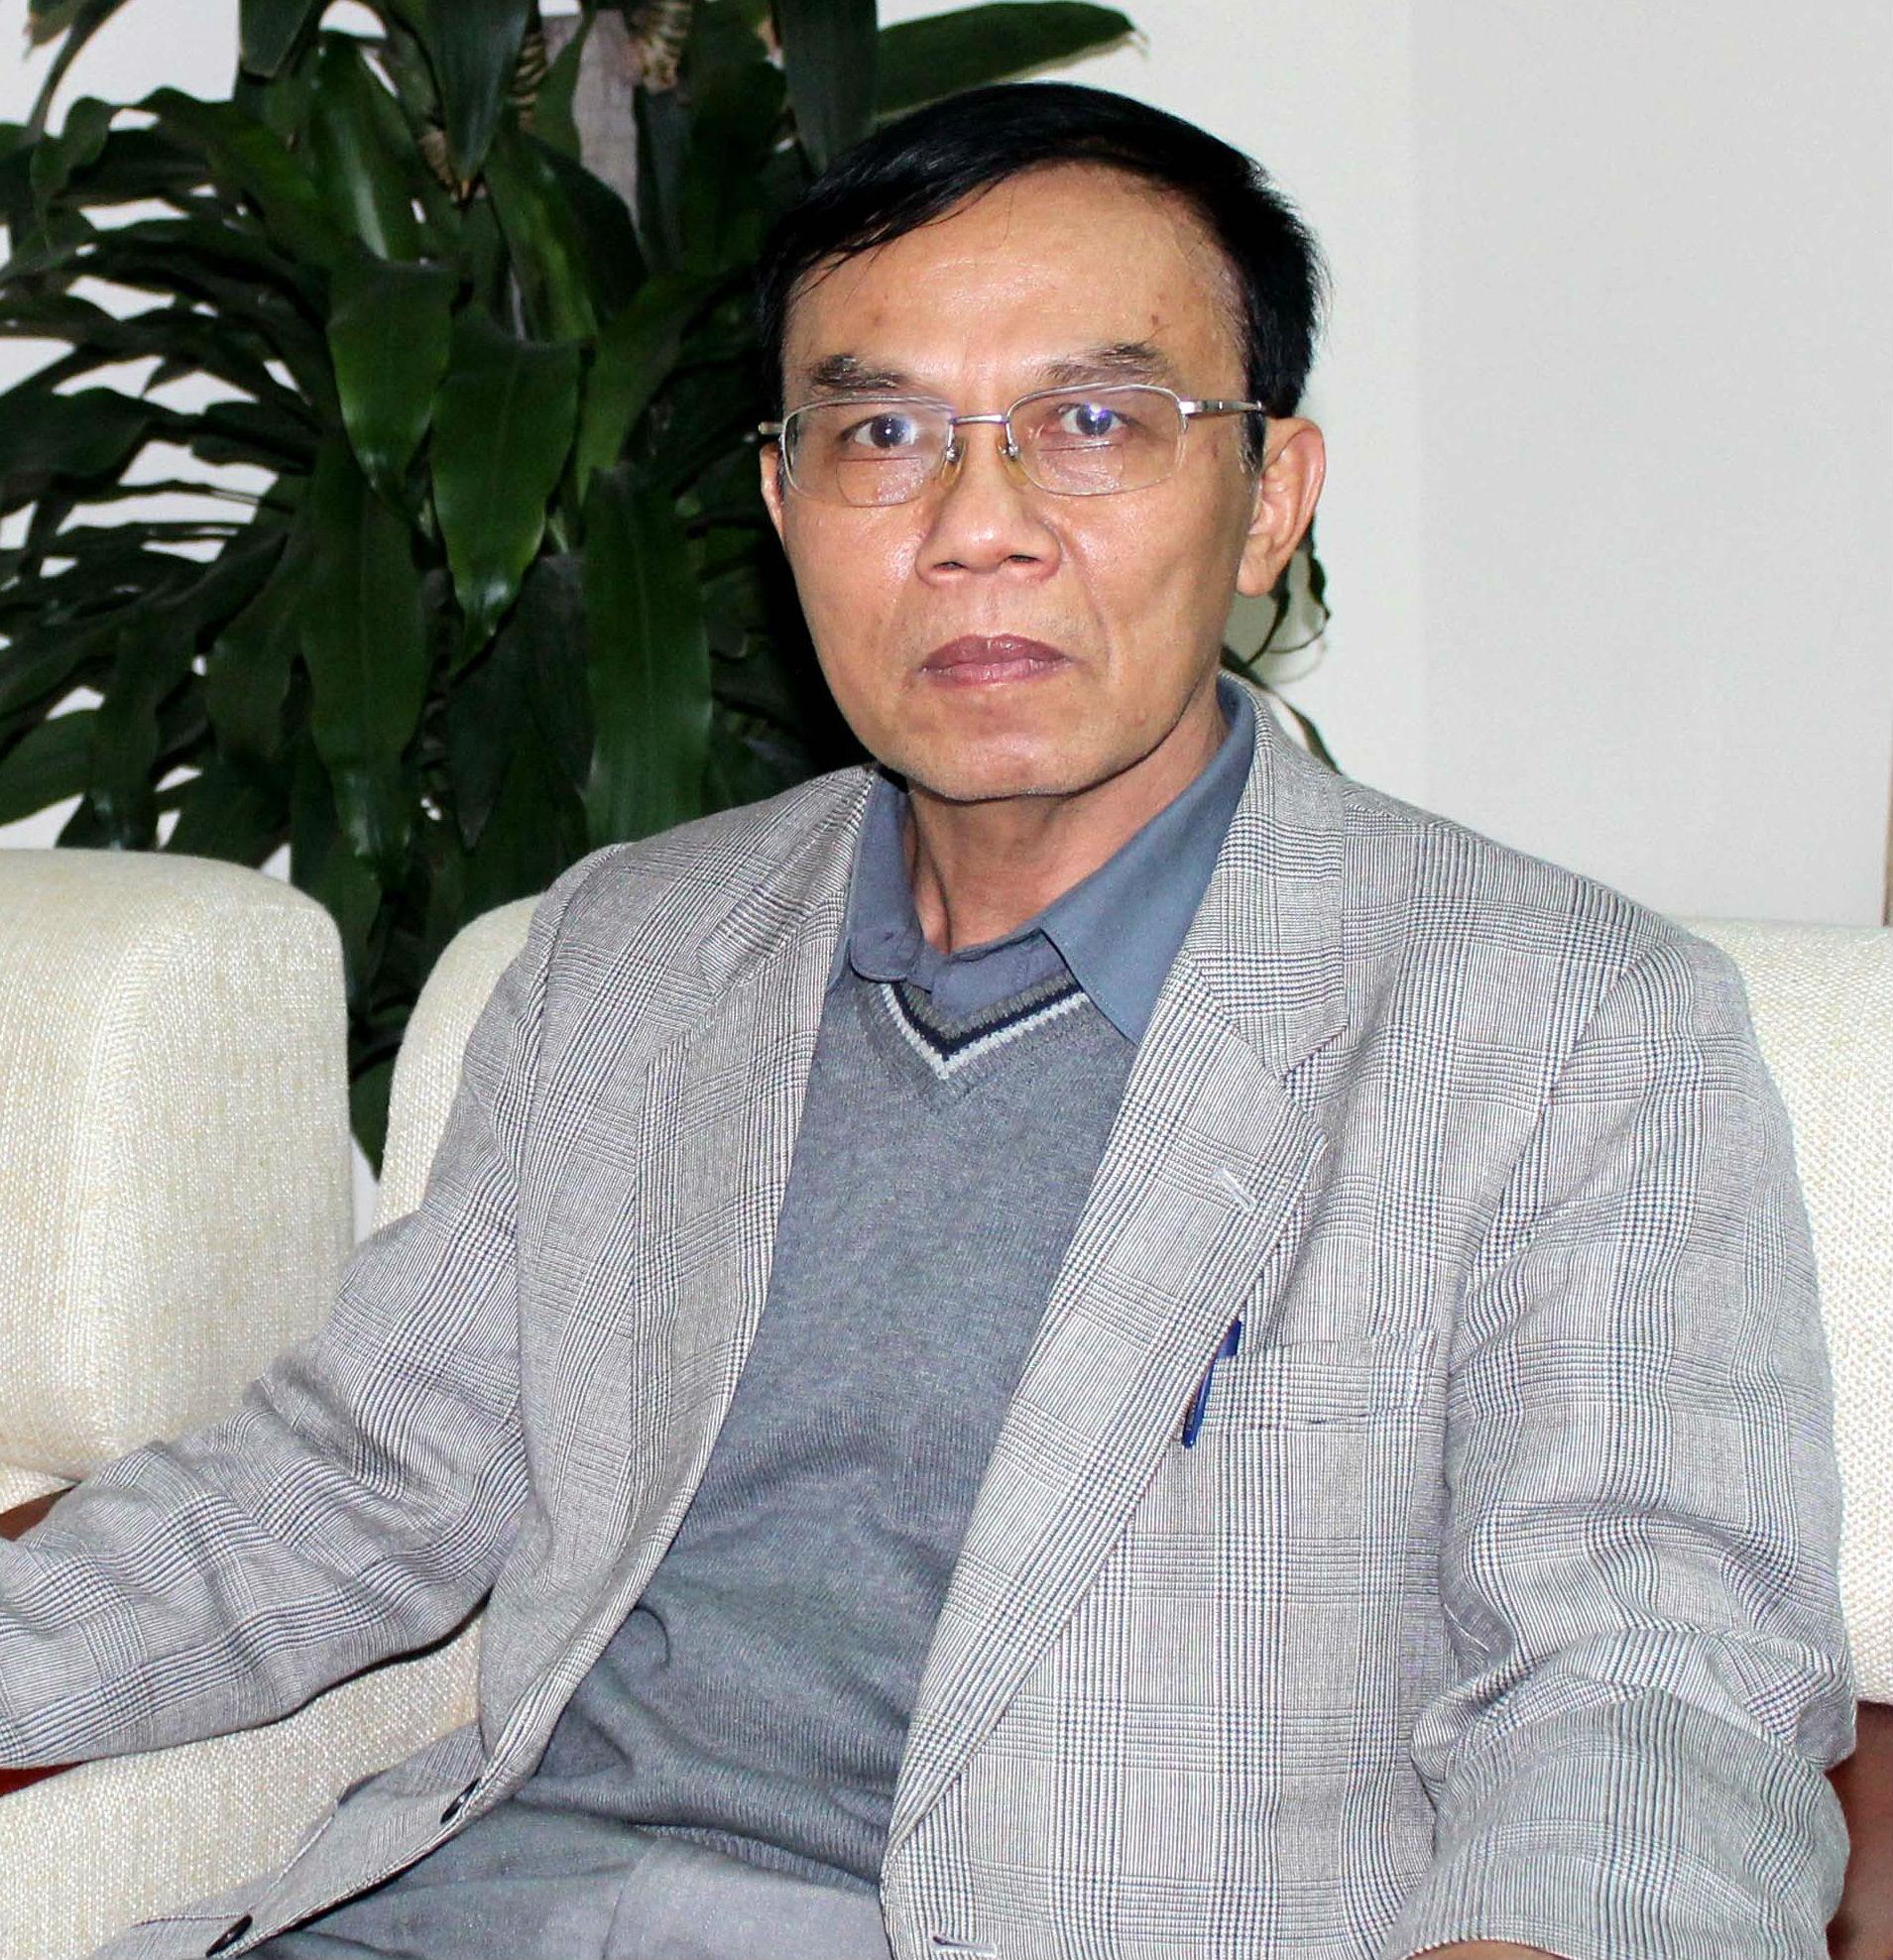 ông Hồ Ngọc Luật, Vụ trưởng Vụ Phát triển KH&CN địa phương